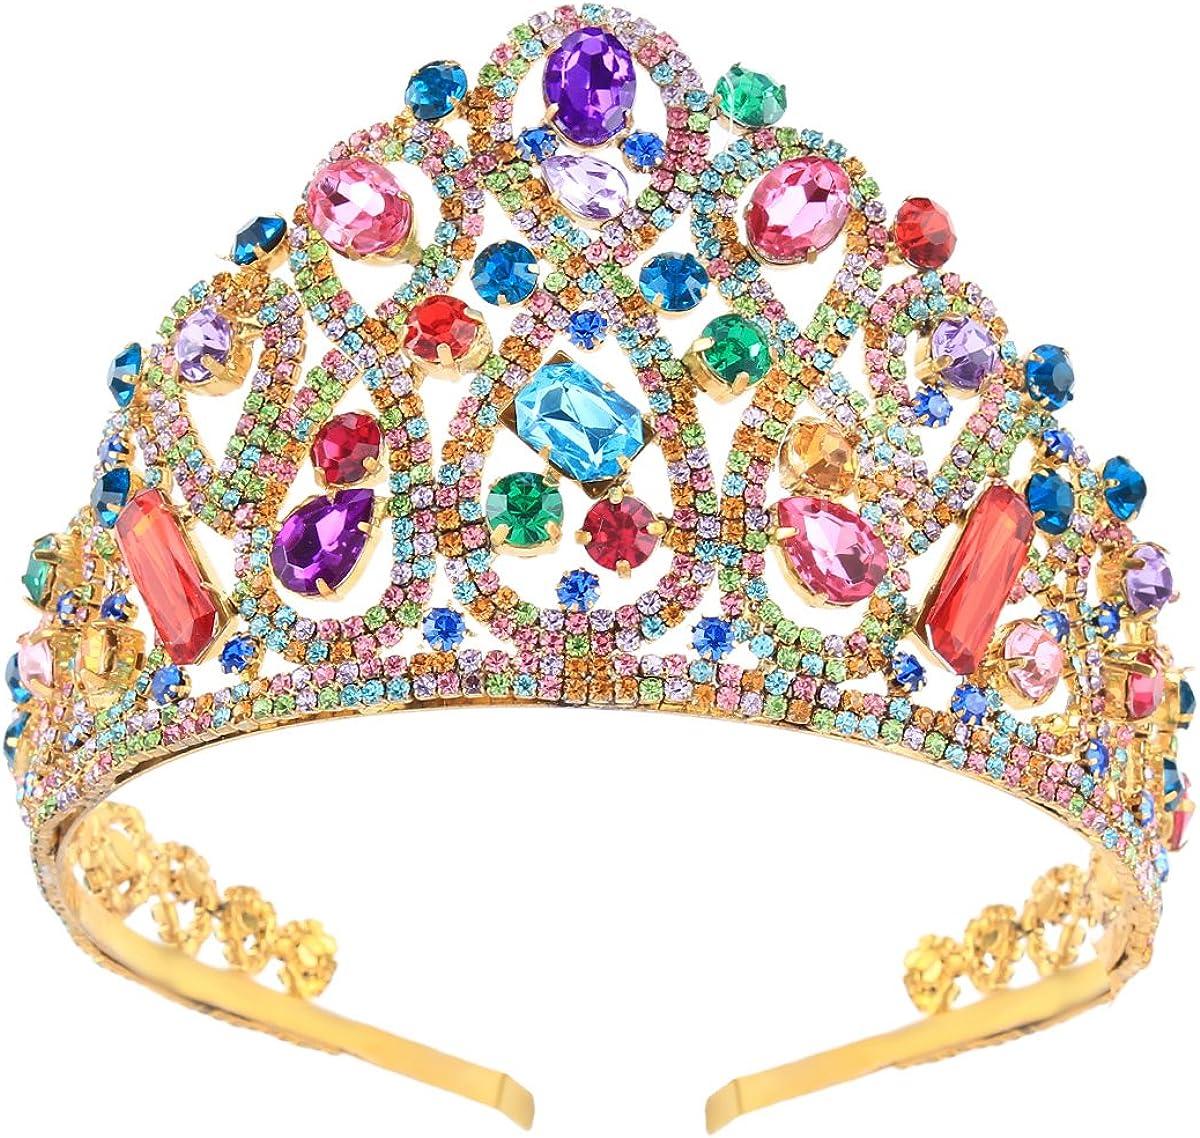 Stuff Golden Tiara Headband...